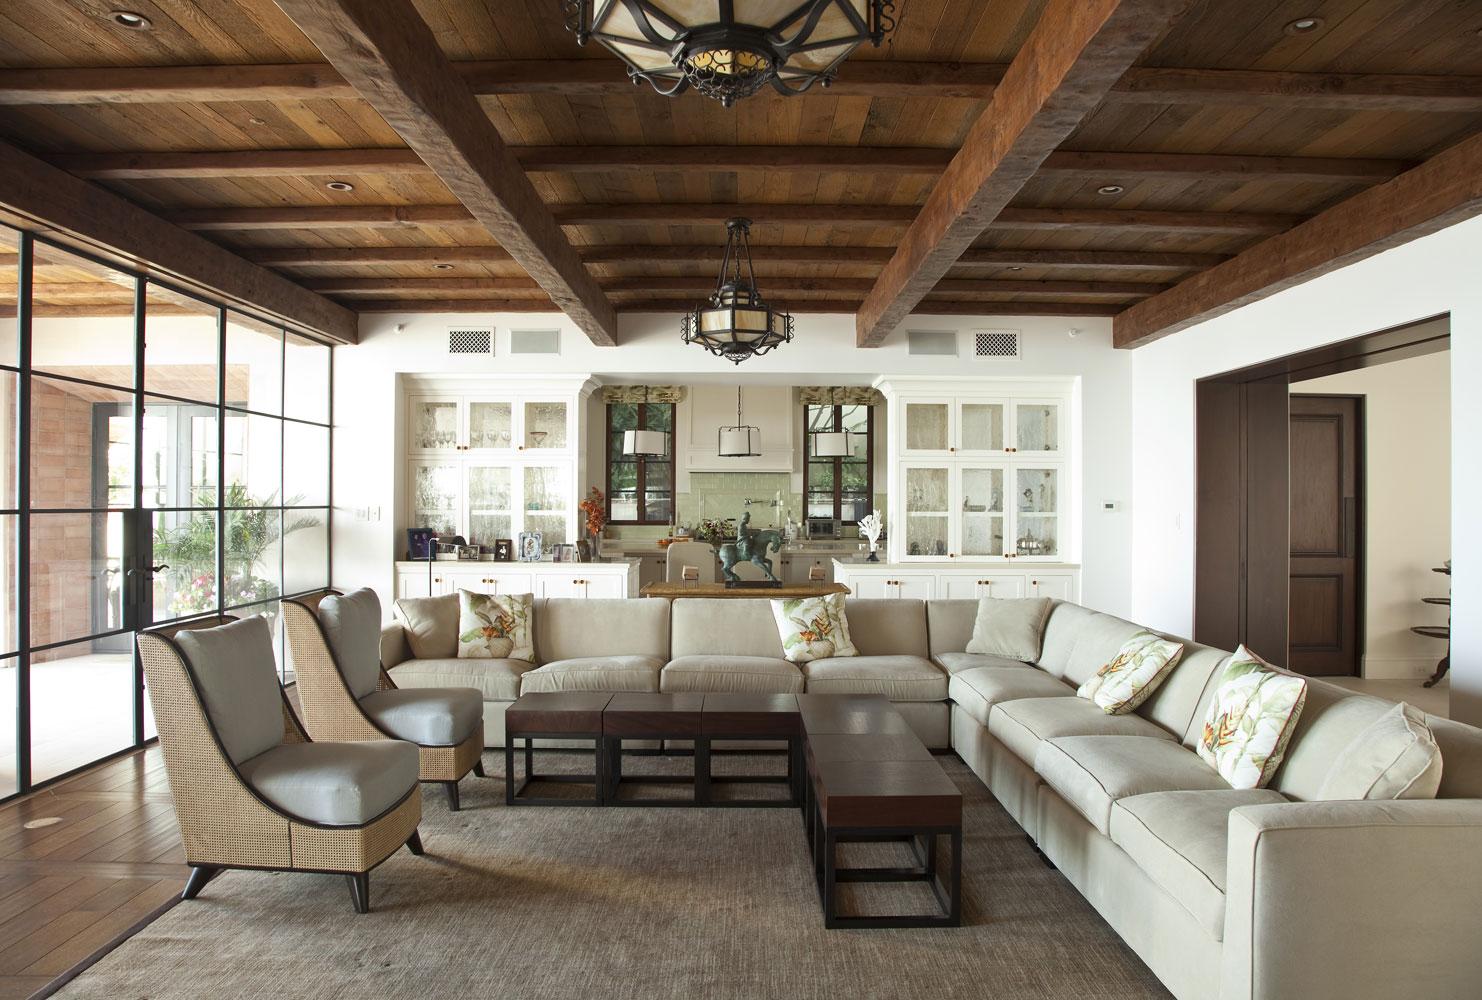 Modern-Spanish-Formal-Living-Room-Built-Ins-Doorway-Detail-Beamed-Ceiling-Corbin-Reeves.jpg